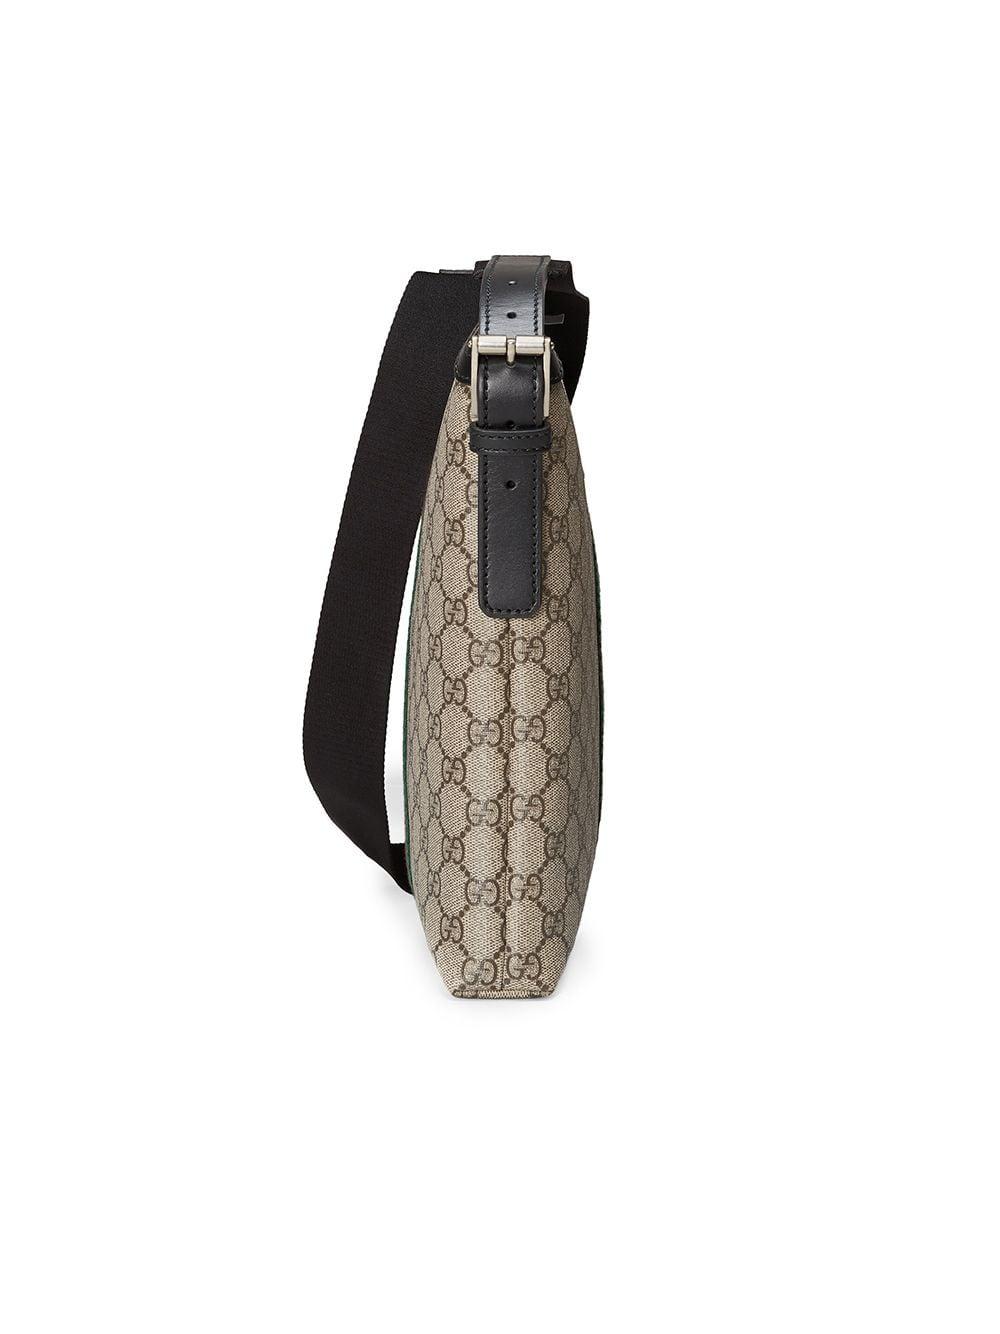 aefd0a32604f Gucci  Web Gg Supreme  Messenger Bag In Brown